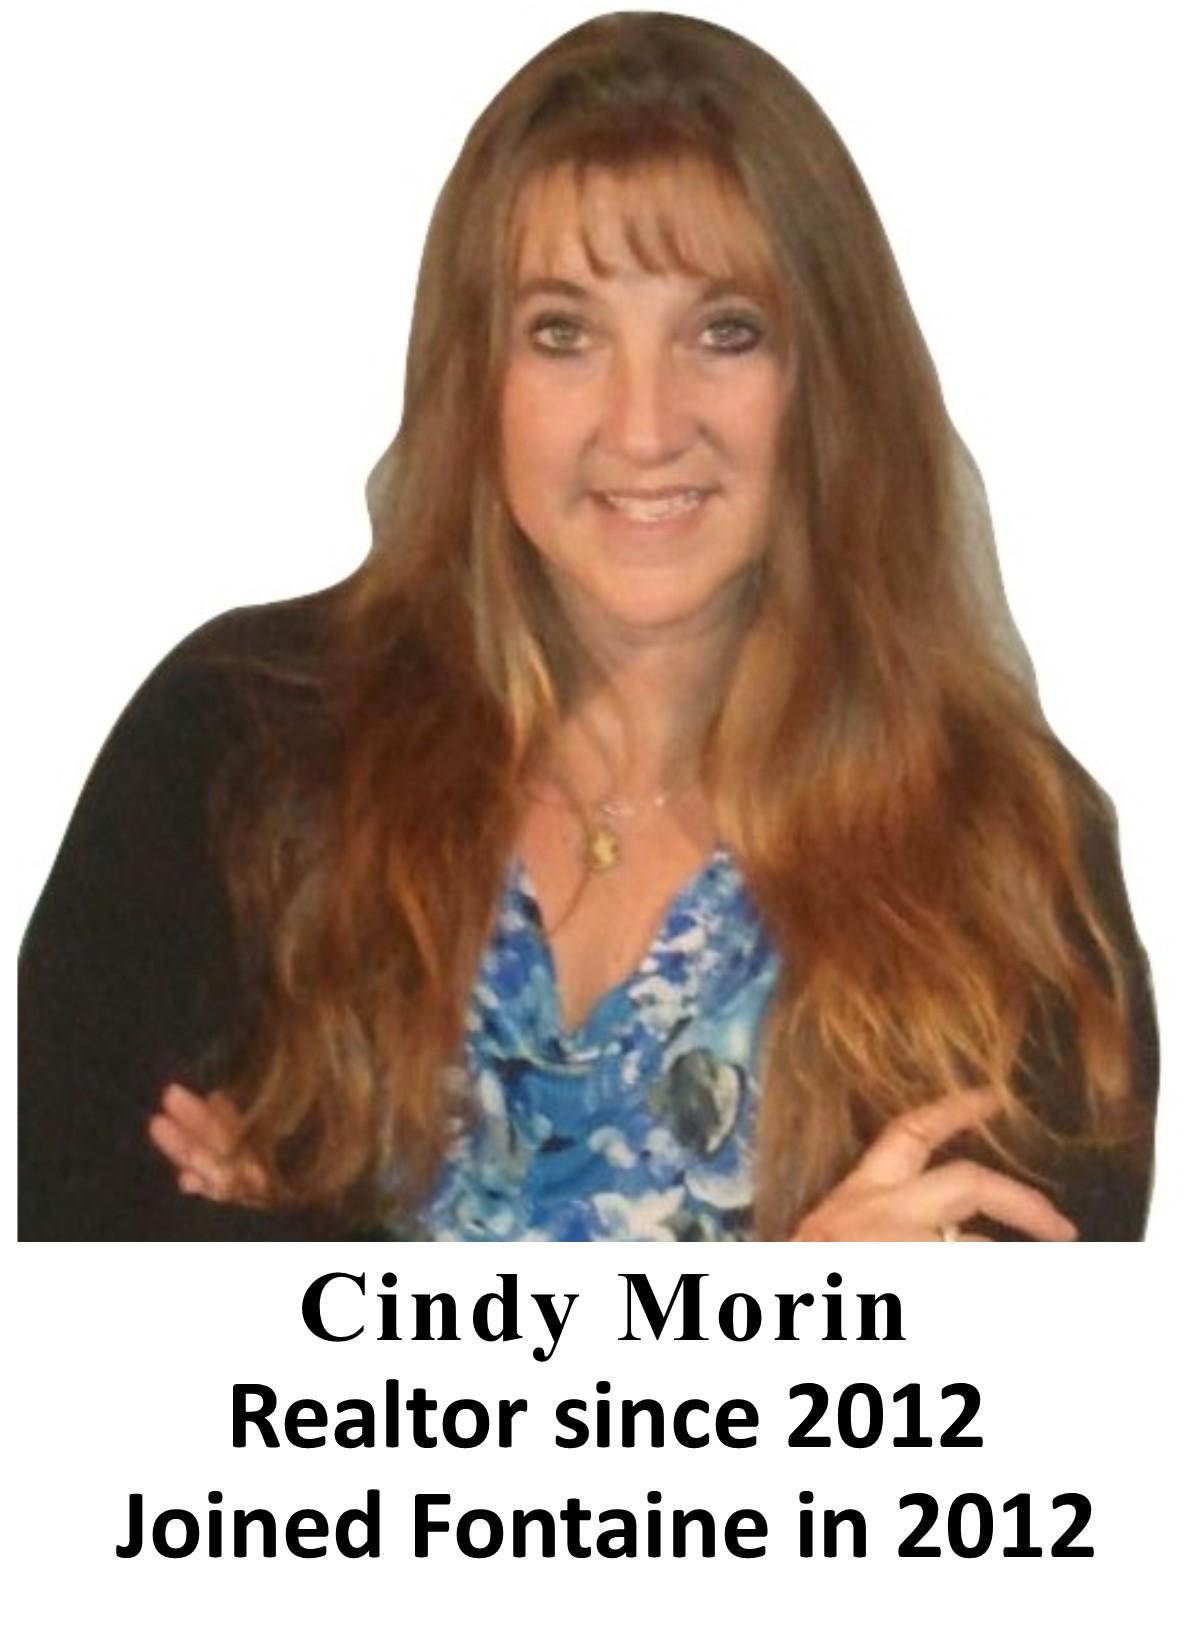 Cindy Morin